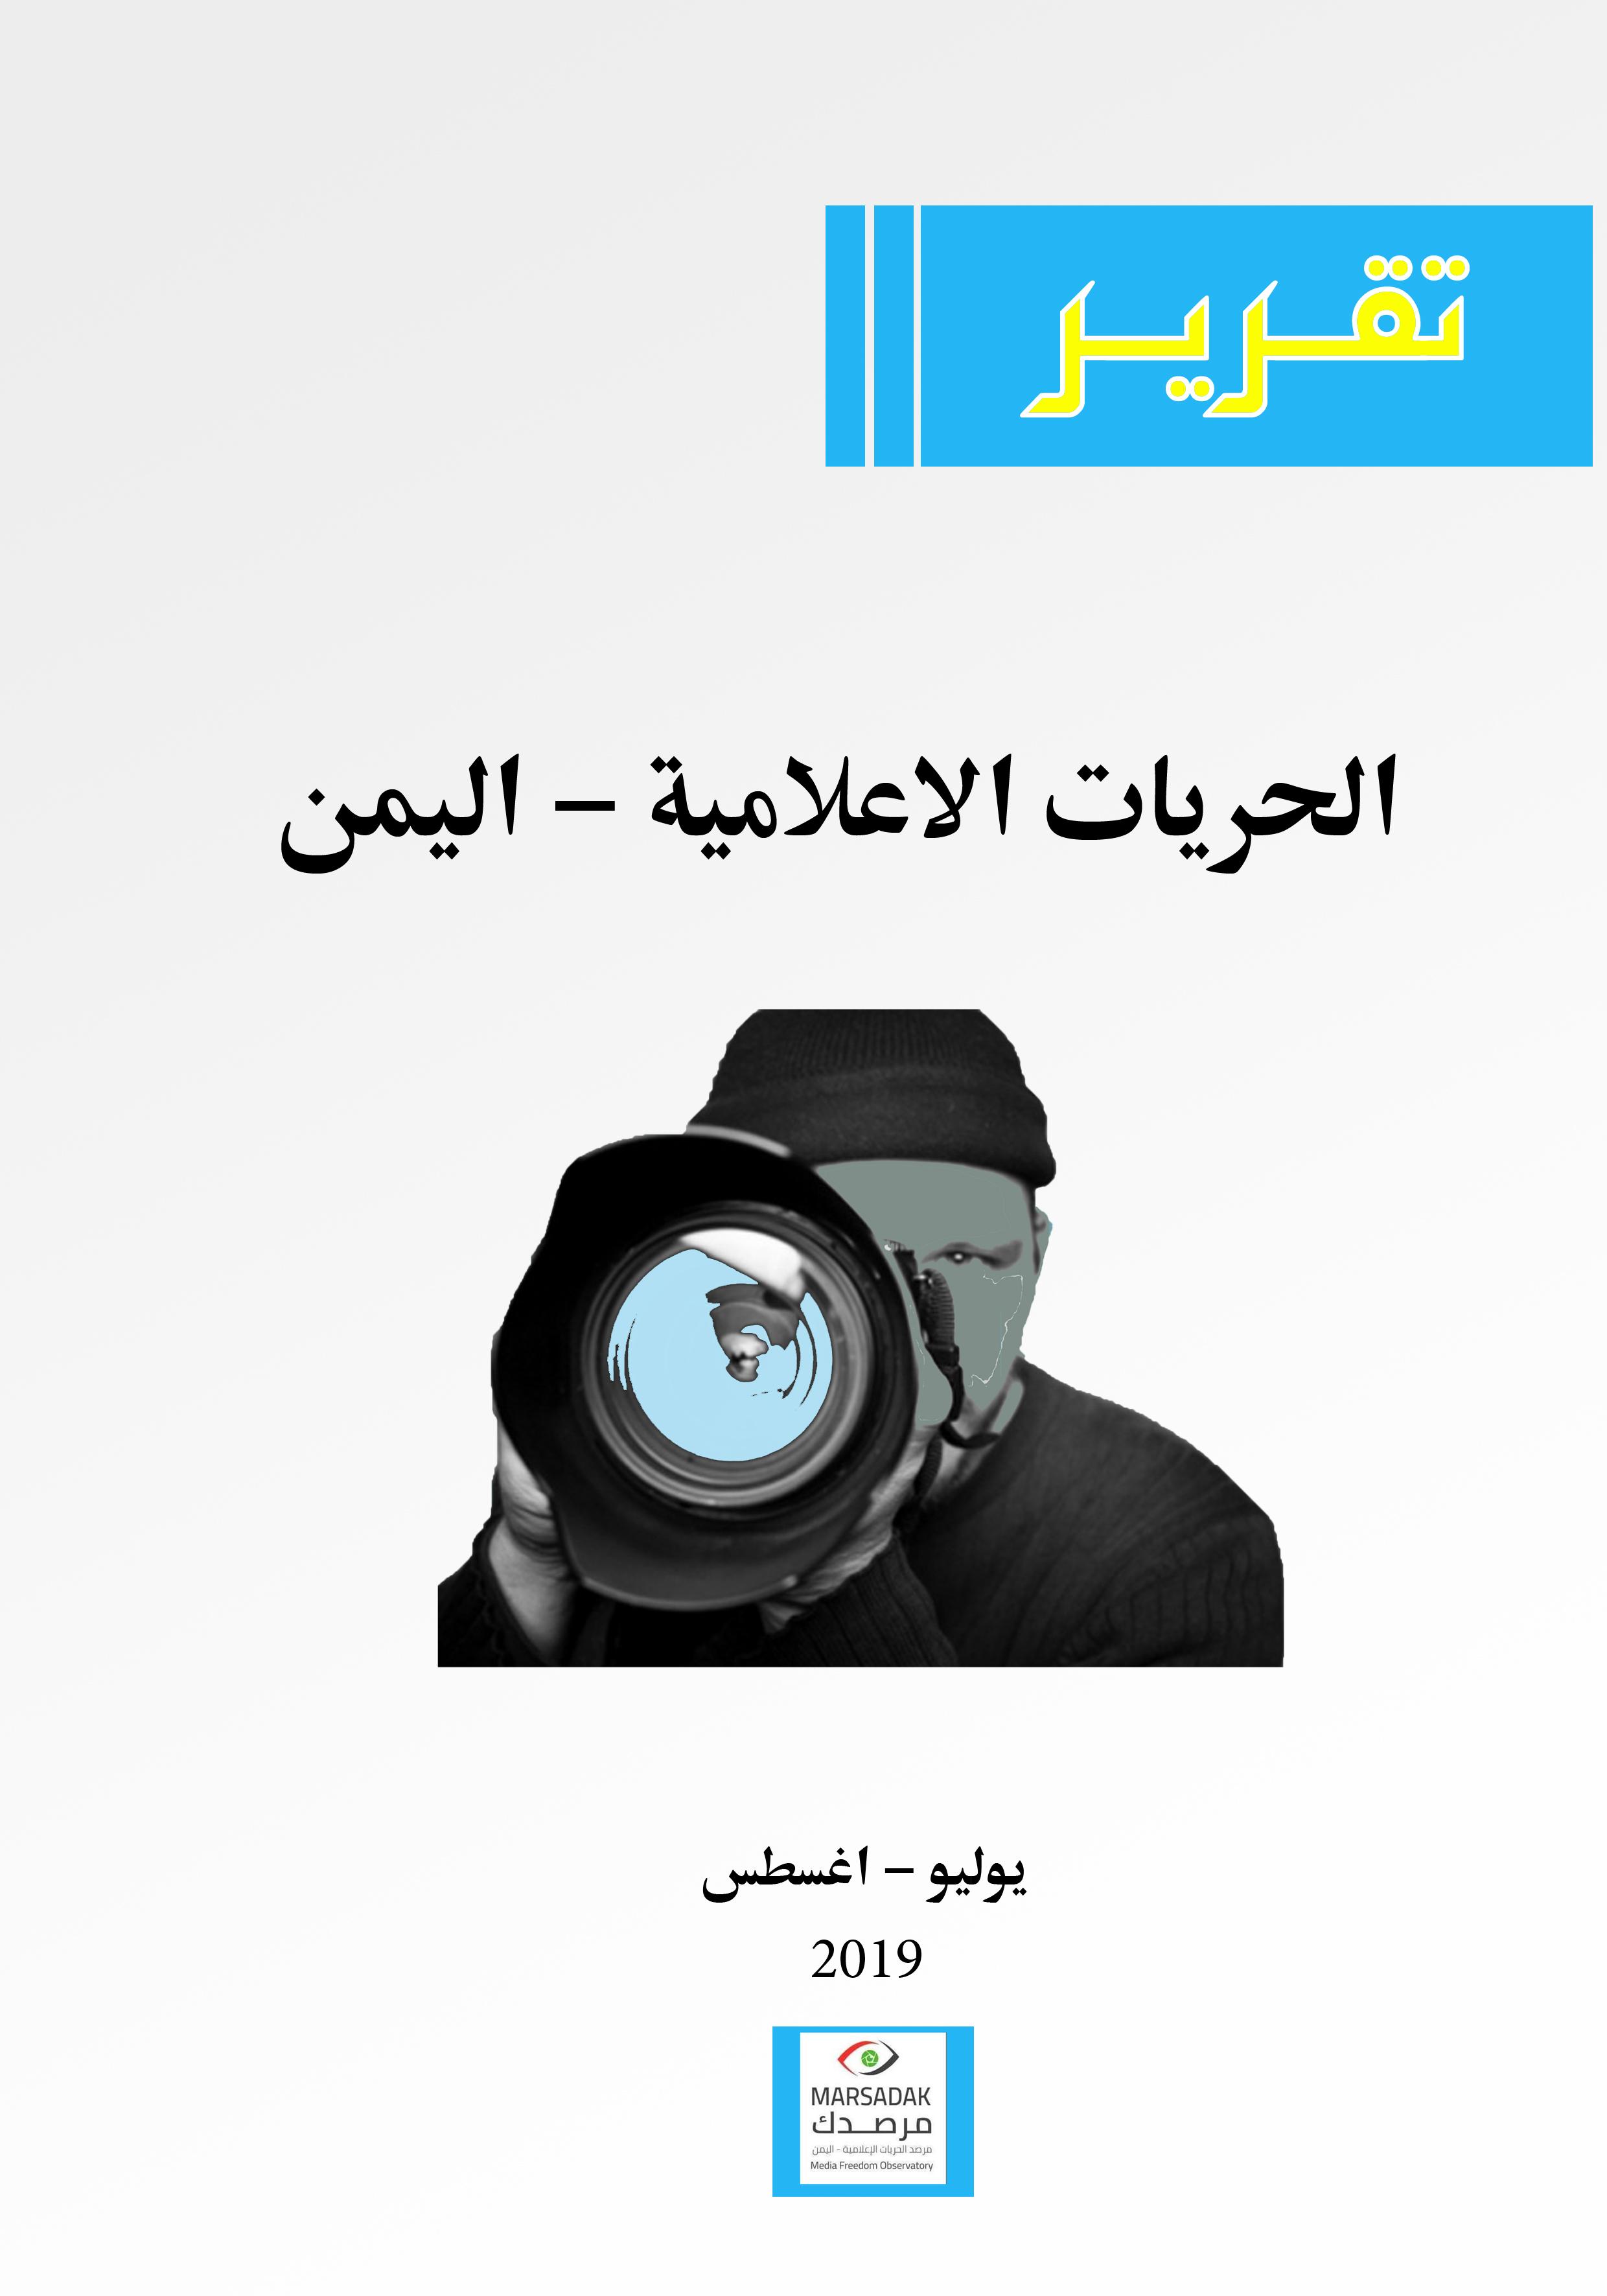 الصحفيون في قلب الخطر… تقرير لمرصد الحريات الاعلامية: 37 انتهاك ضد الحريات الاعلامية خلال الشهرين الماضيين